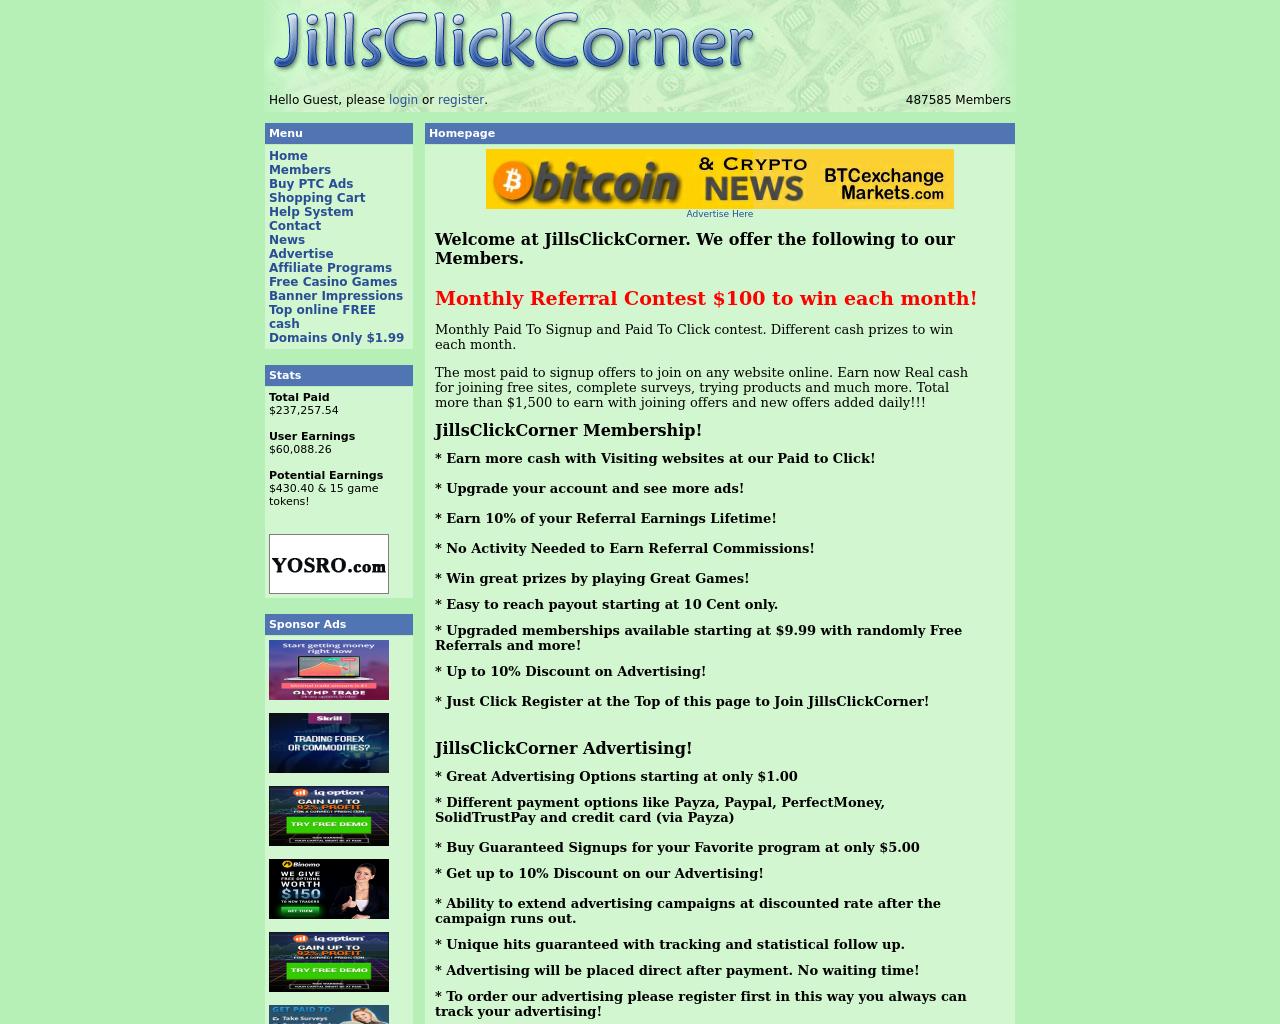 JillsClickCorner-Advertising-Reviews-Pricing